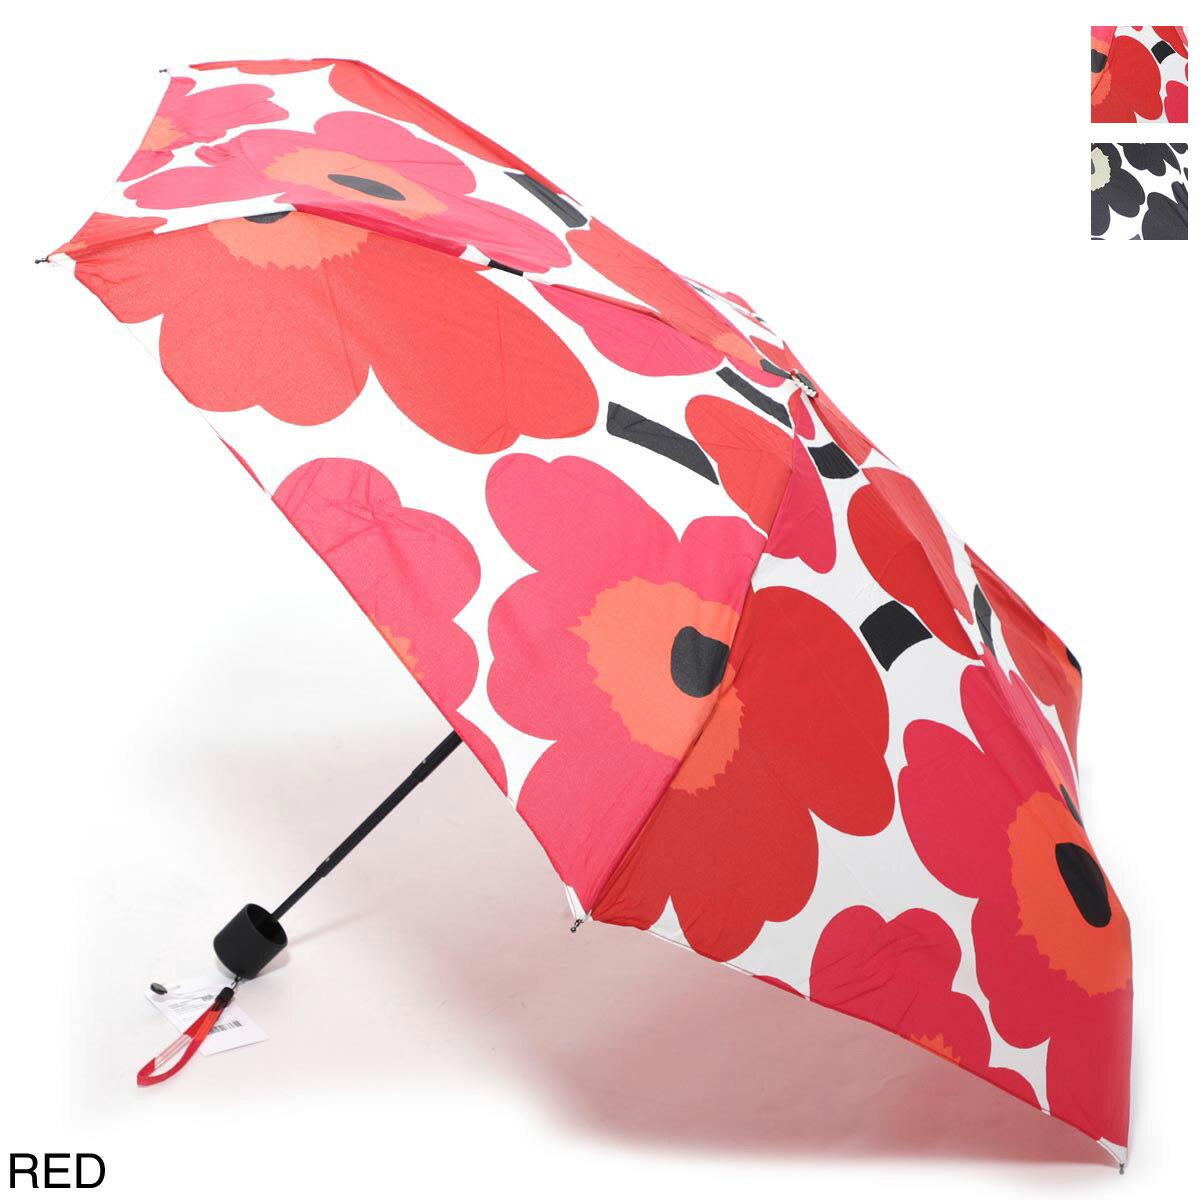 マリメッコ marimekko 折りたたみ傘 レディース 傘 雨 ミニ 38654 001 PIENI UNIKKO ウニッコ【あす楽対応_関東】【ラッピング無料】【返品送料無料】【190108】